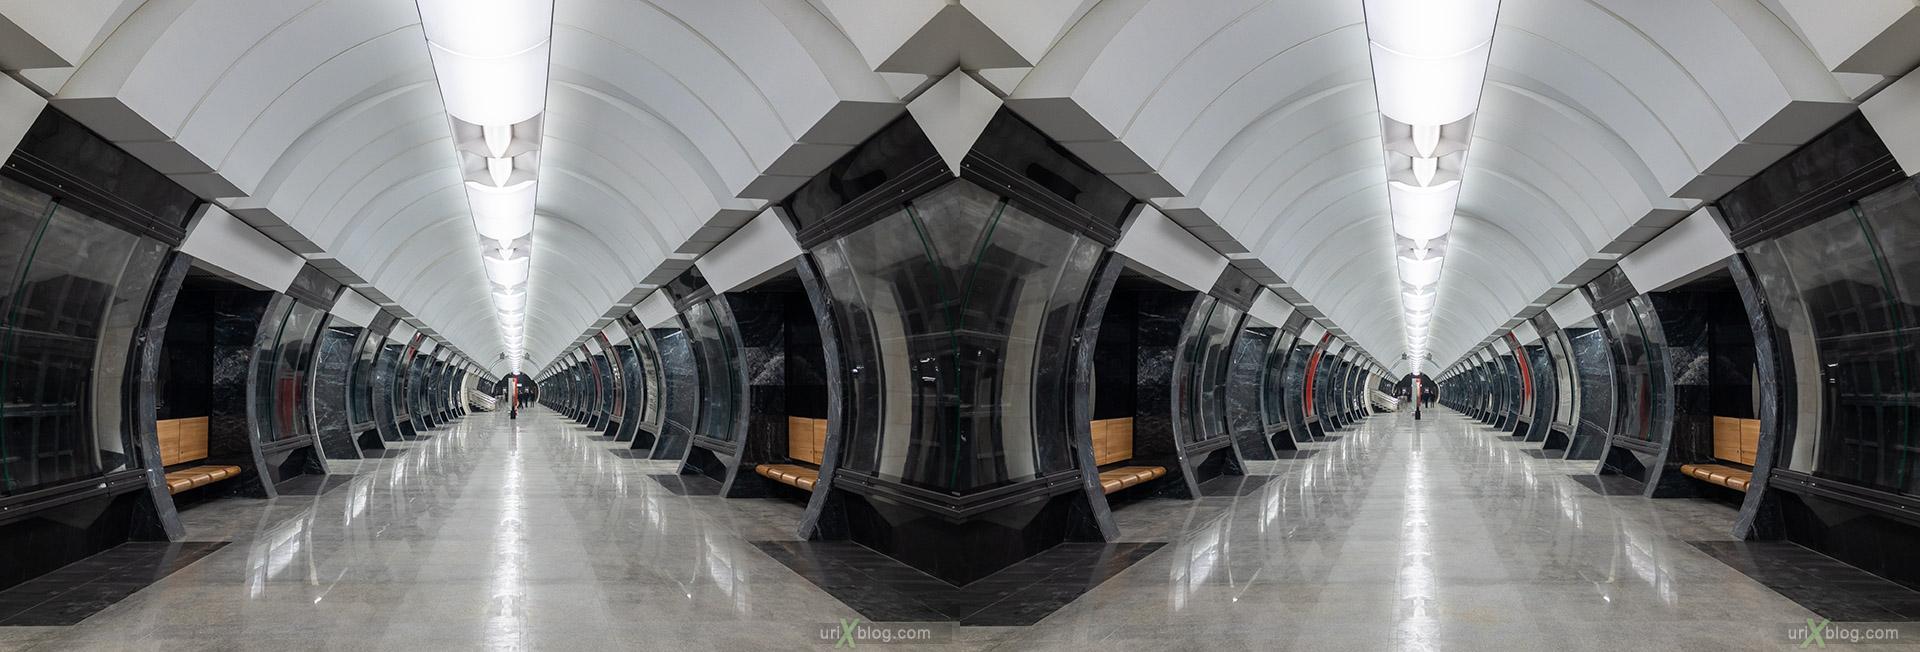 Савёловская БКЛ, станция метро, Большая Колцевая Линия, Москва, Россия, 3D, перекрёстная стереопара, стерео, стереопара